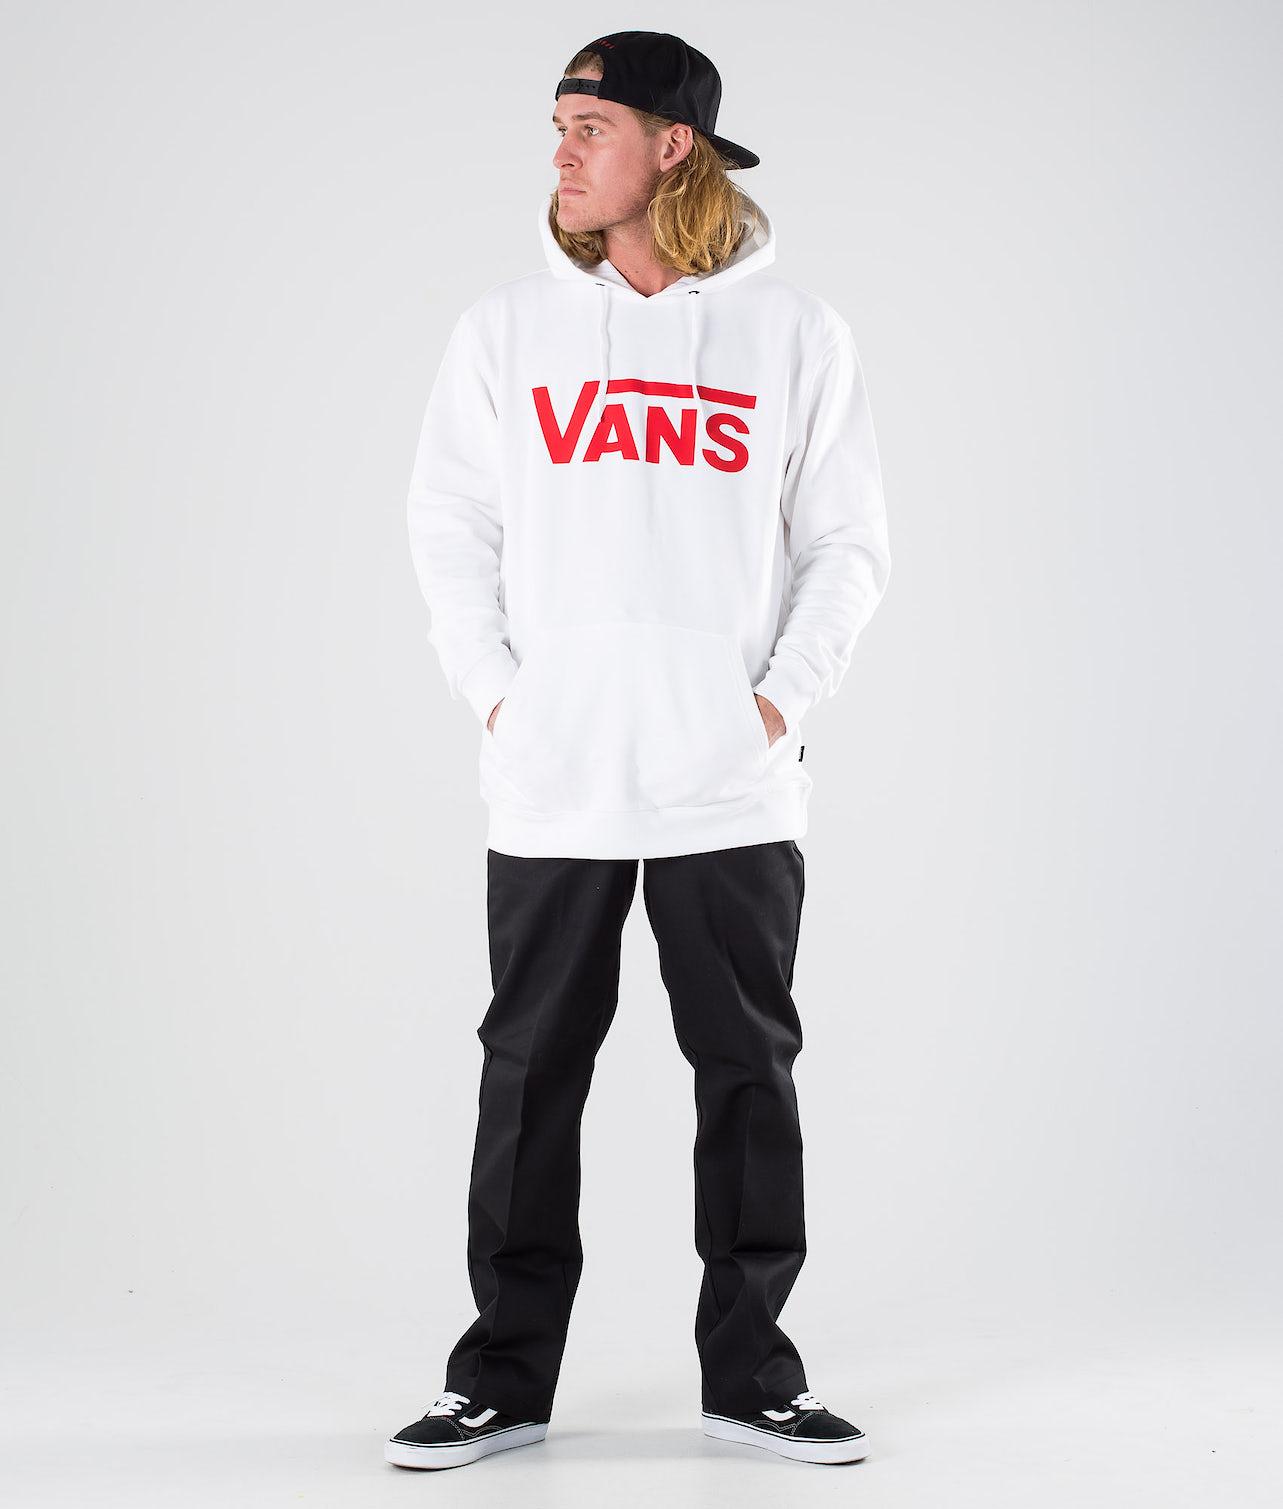 Vans Classic PO Hoodie II Hood White/Racing Red